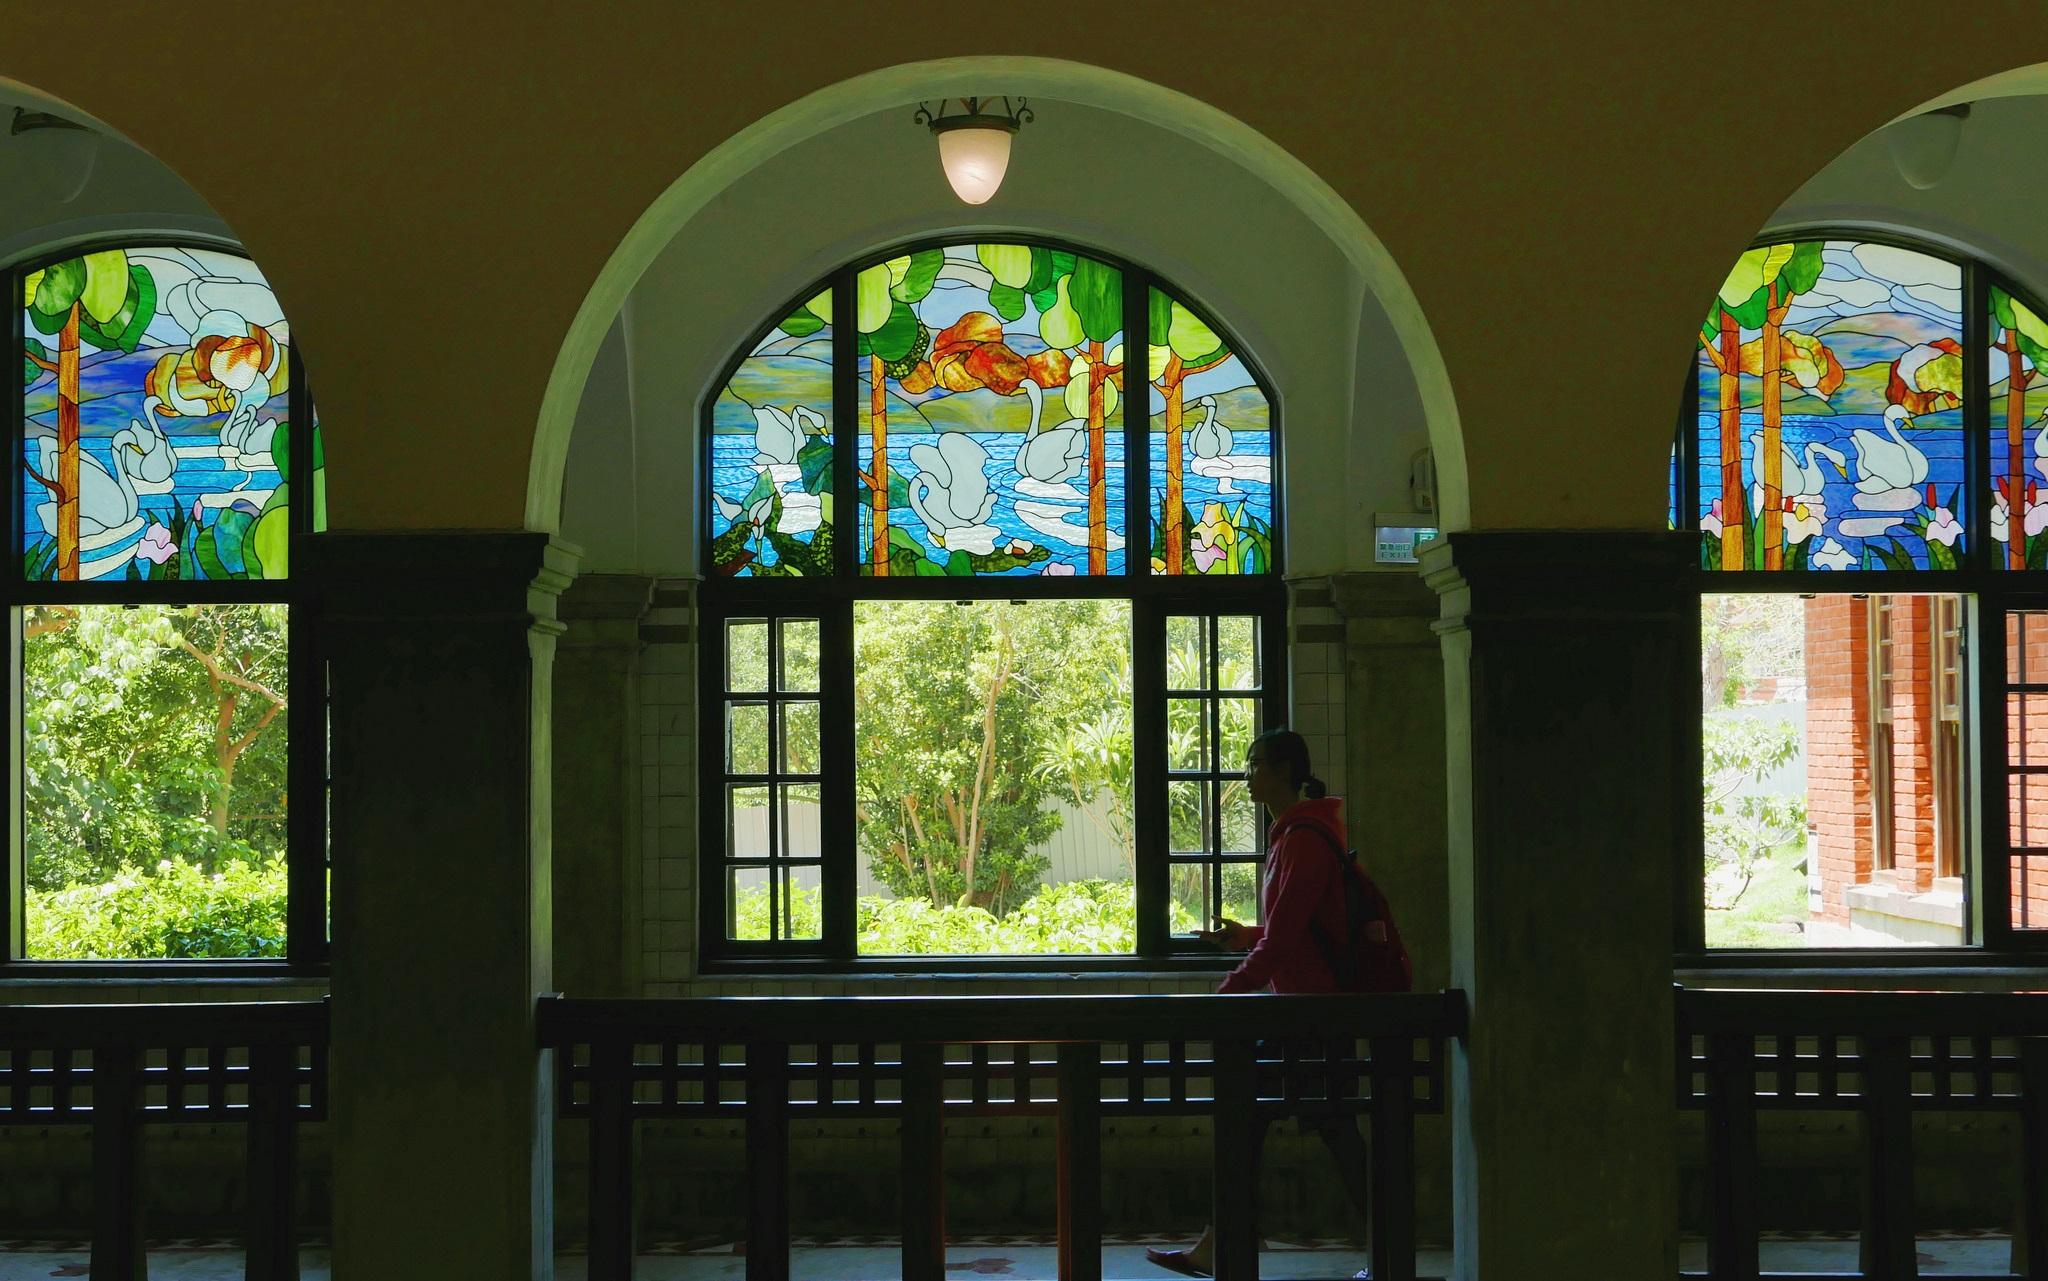 拱窗上緣裝飾有鑲嵌彩繪玻璃,呈現出古典華麗的景緻。(圖片來源/台北旅遊網)